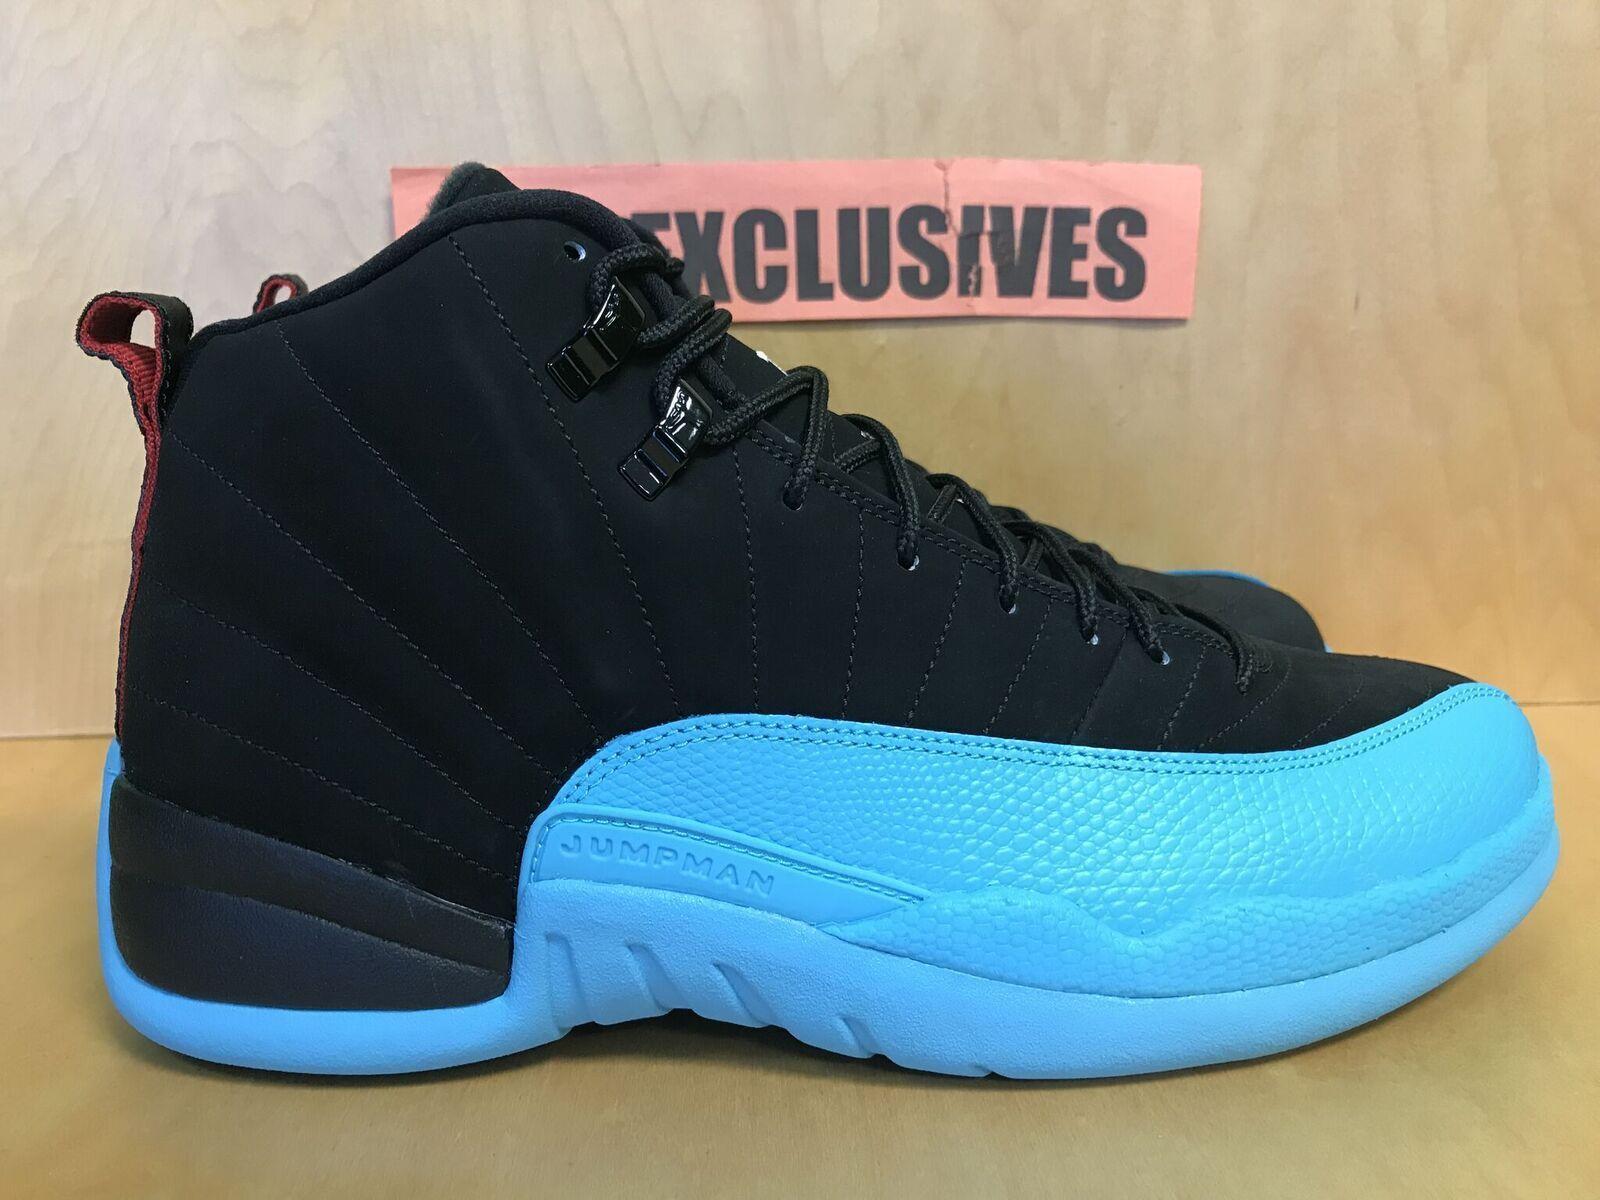 6908d07ff69 Nike Air Jordan 12 Retro XII Black Gamma Blue Gym Red 130690-027 Size 10